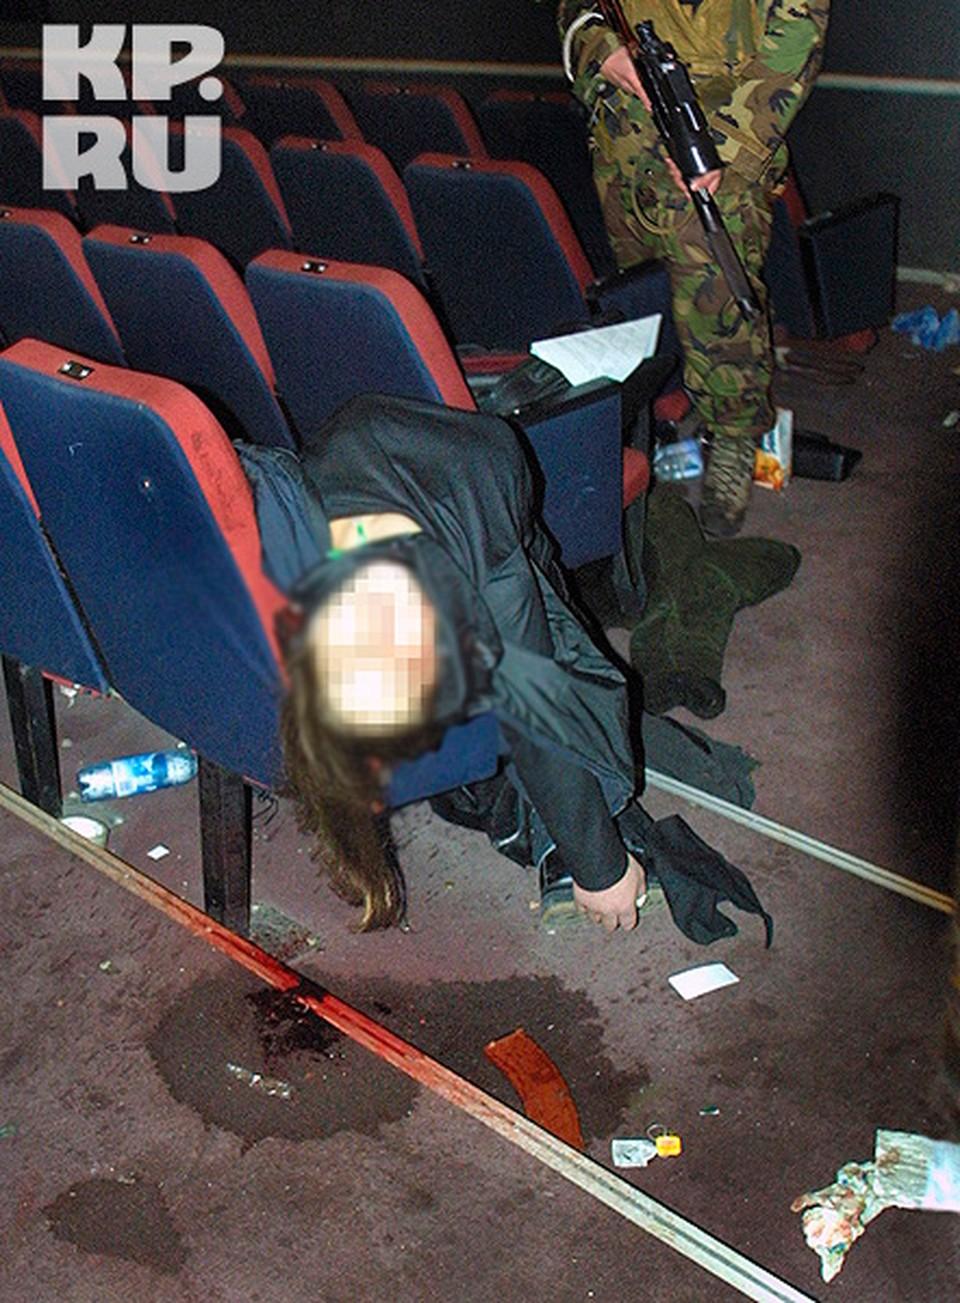 Убитая шахидка. Сразу после штурма Театрального центра , 26 октября 2002 г.